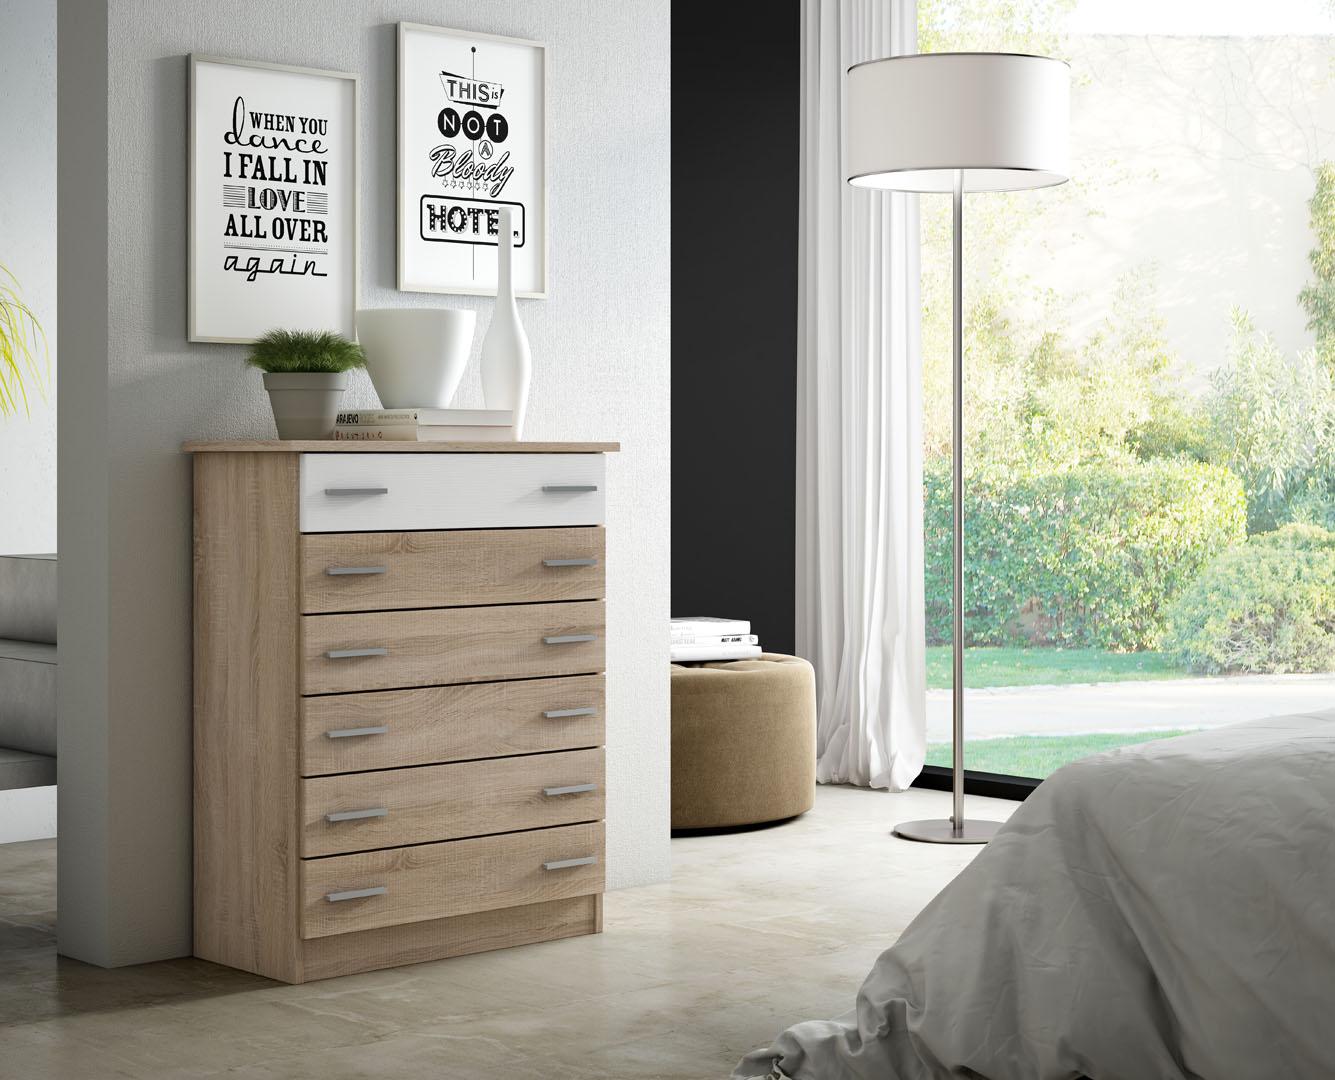 Colecciones muebles ruiz - Muebles ruiz ...